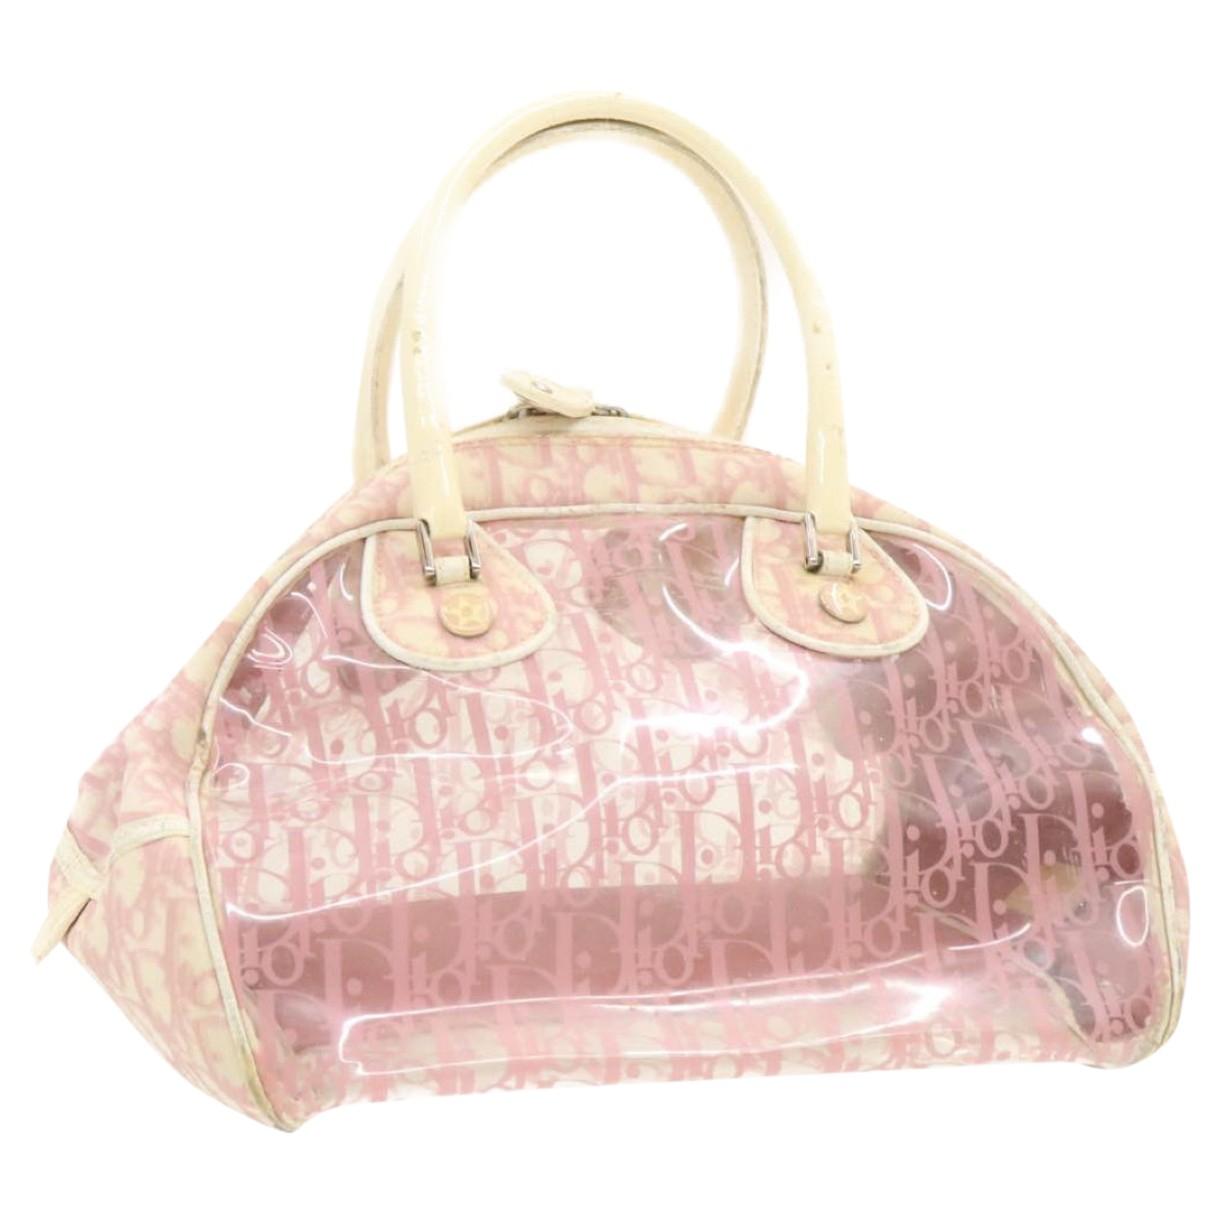 Christian Dior - Sac a main   pour femme en toile - rose